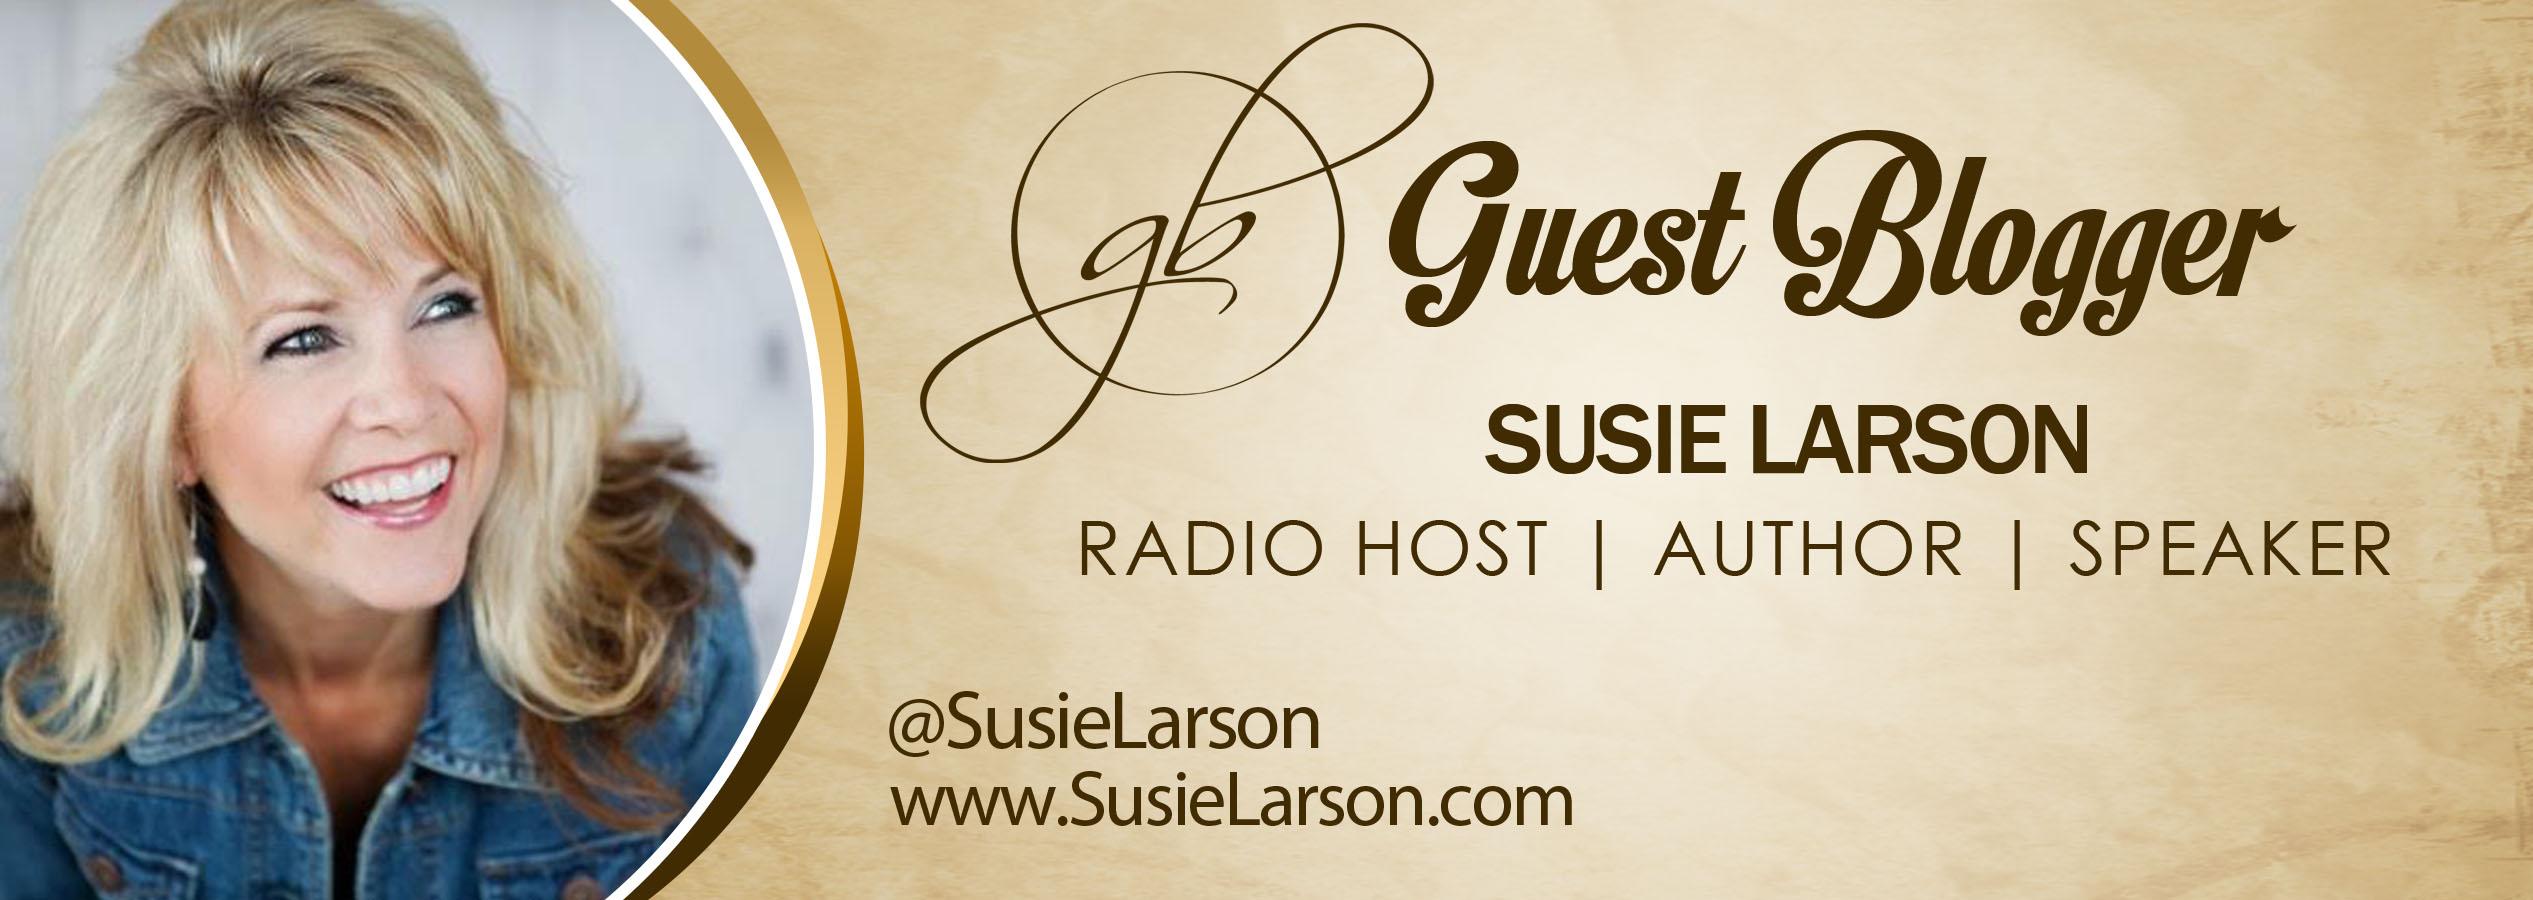 Susie Larson Banner